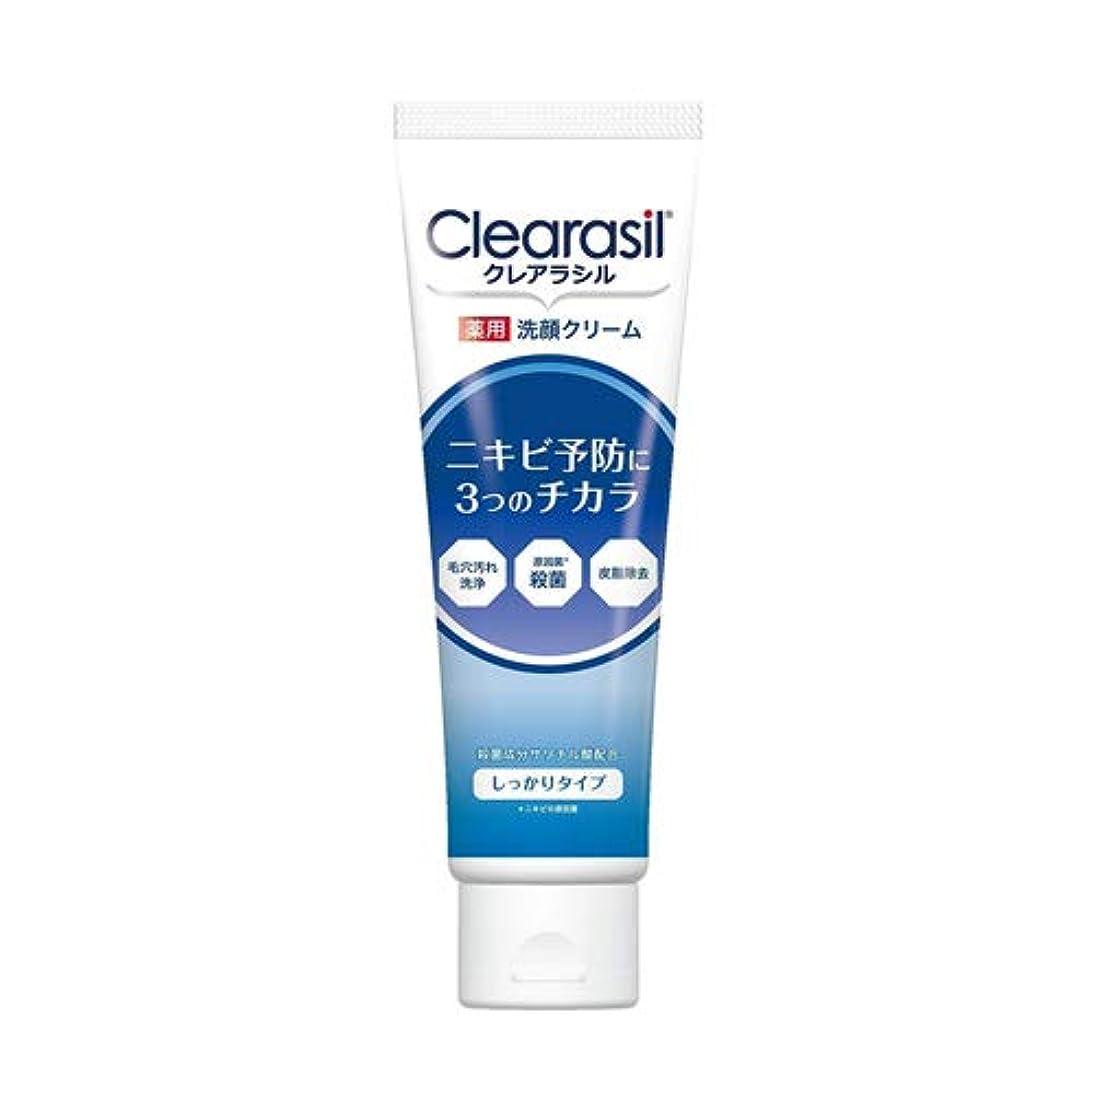 先住民ところで去るクレアラシル 薬用 洗顔クリーム しっかりタイプ 120g 【医薬部外品】